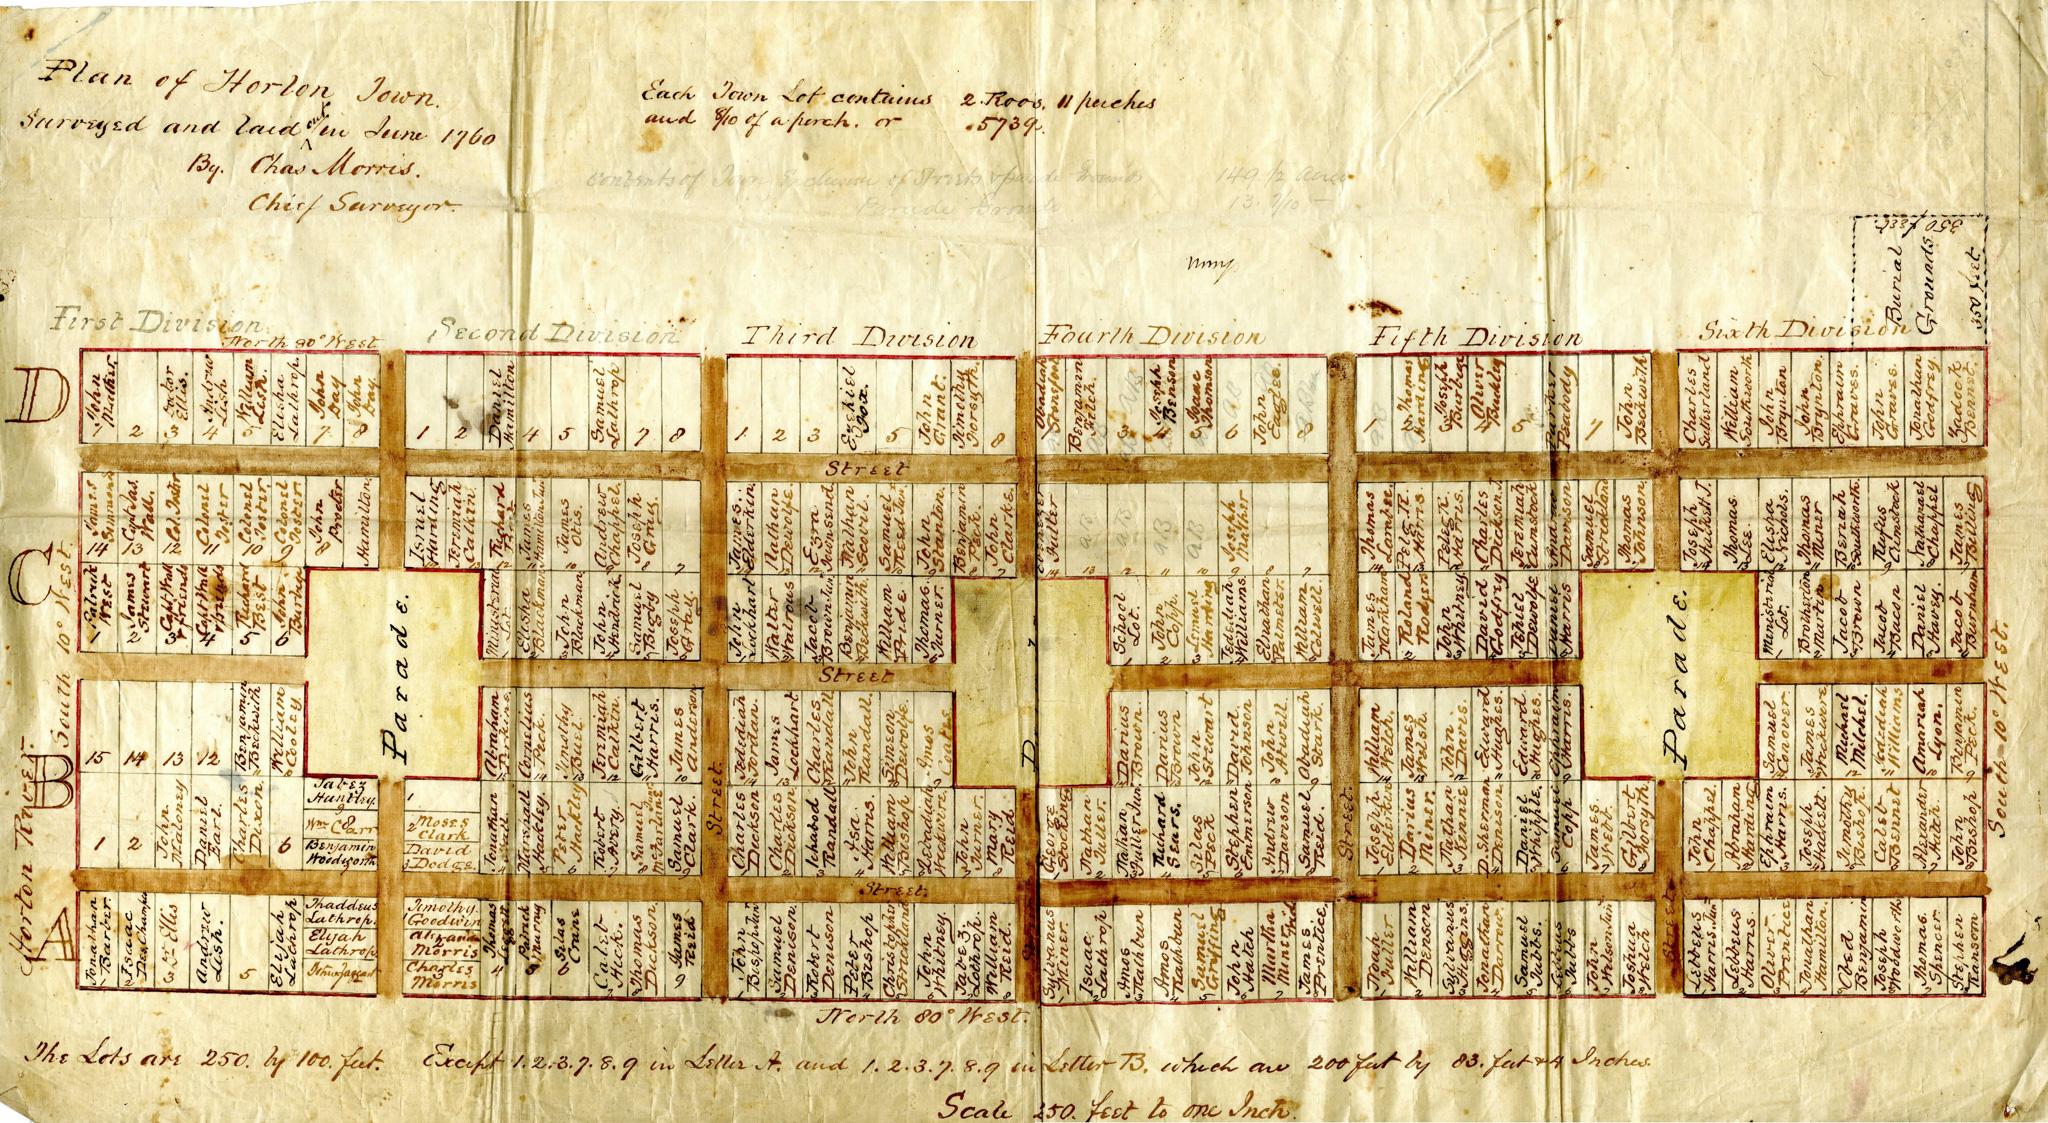 Horton Town Plot Plan of 1760